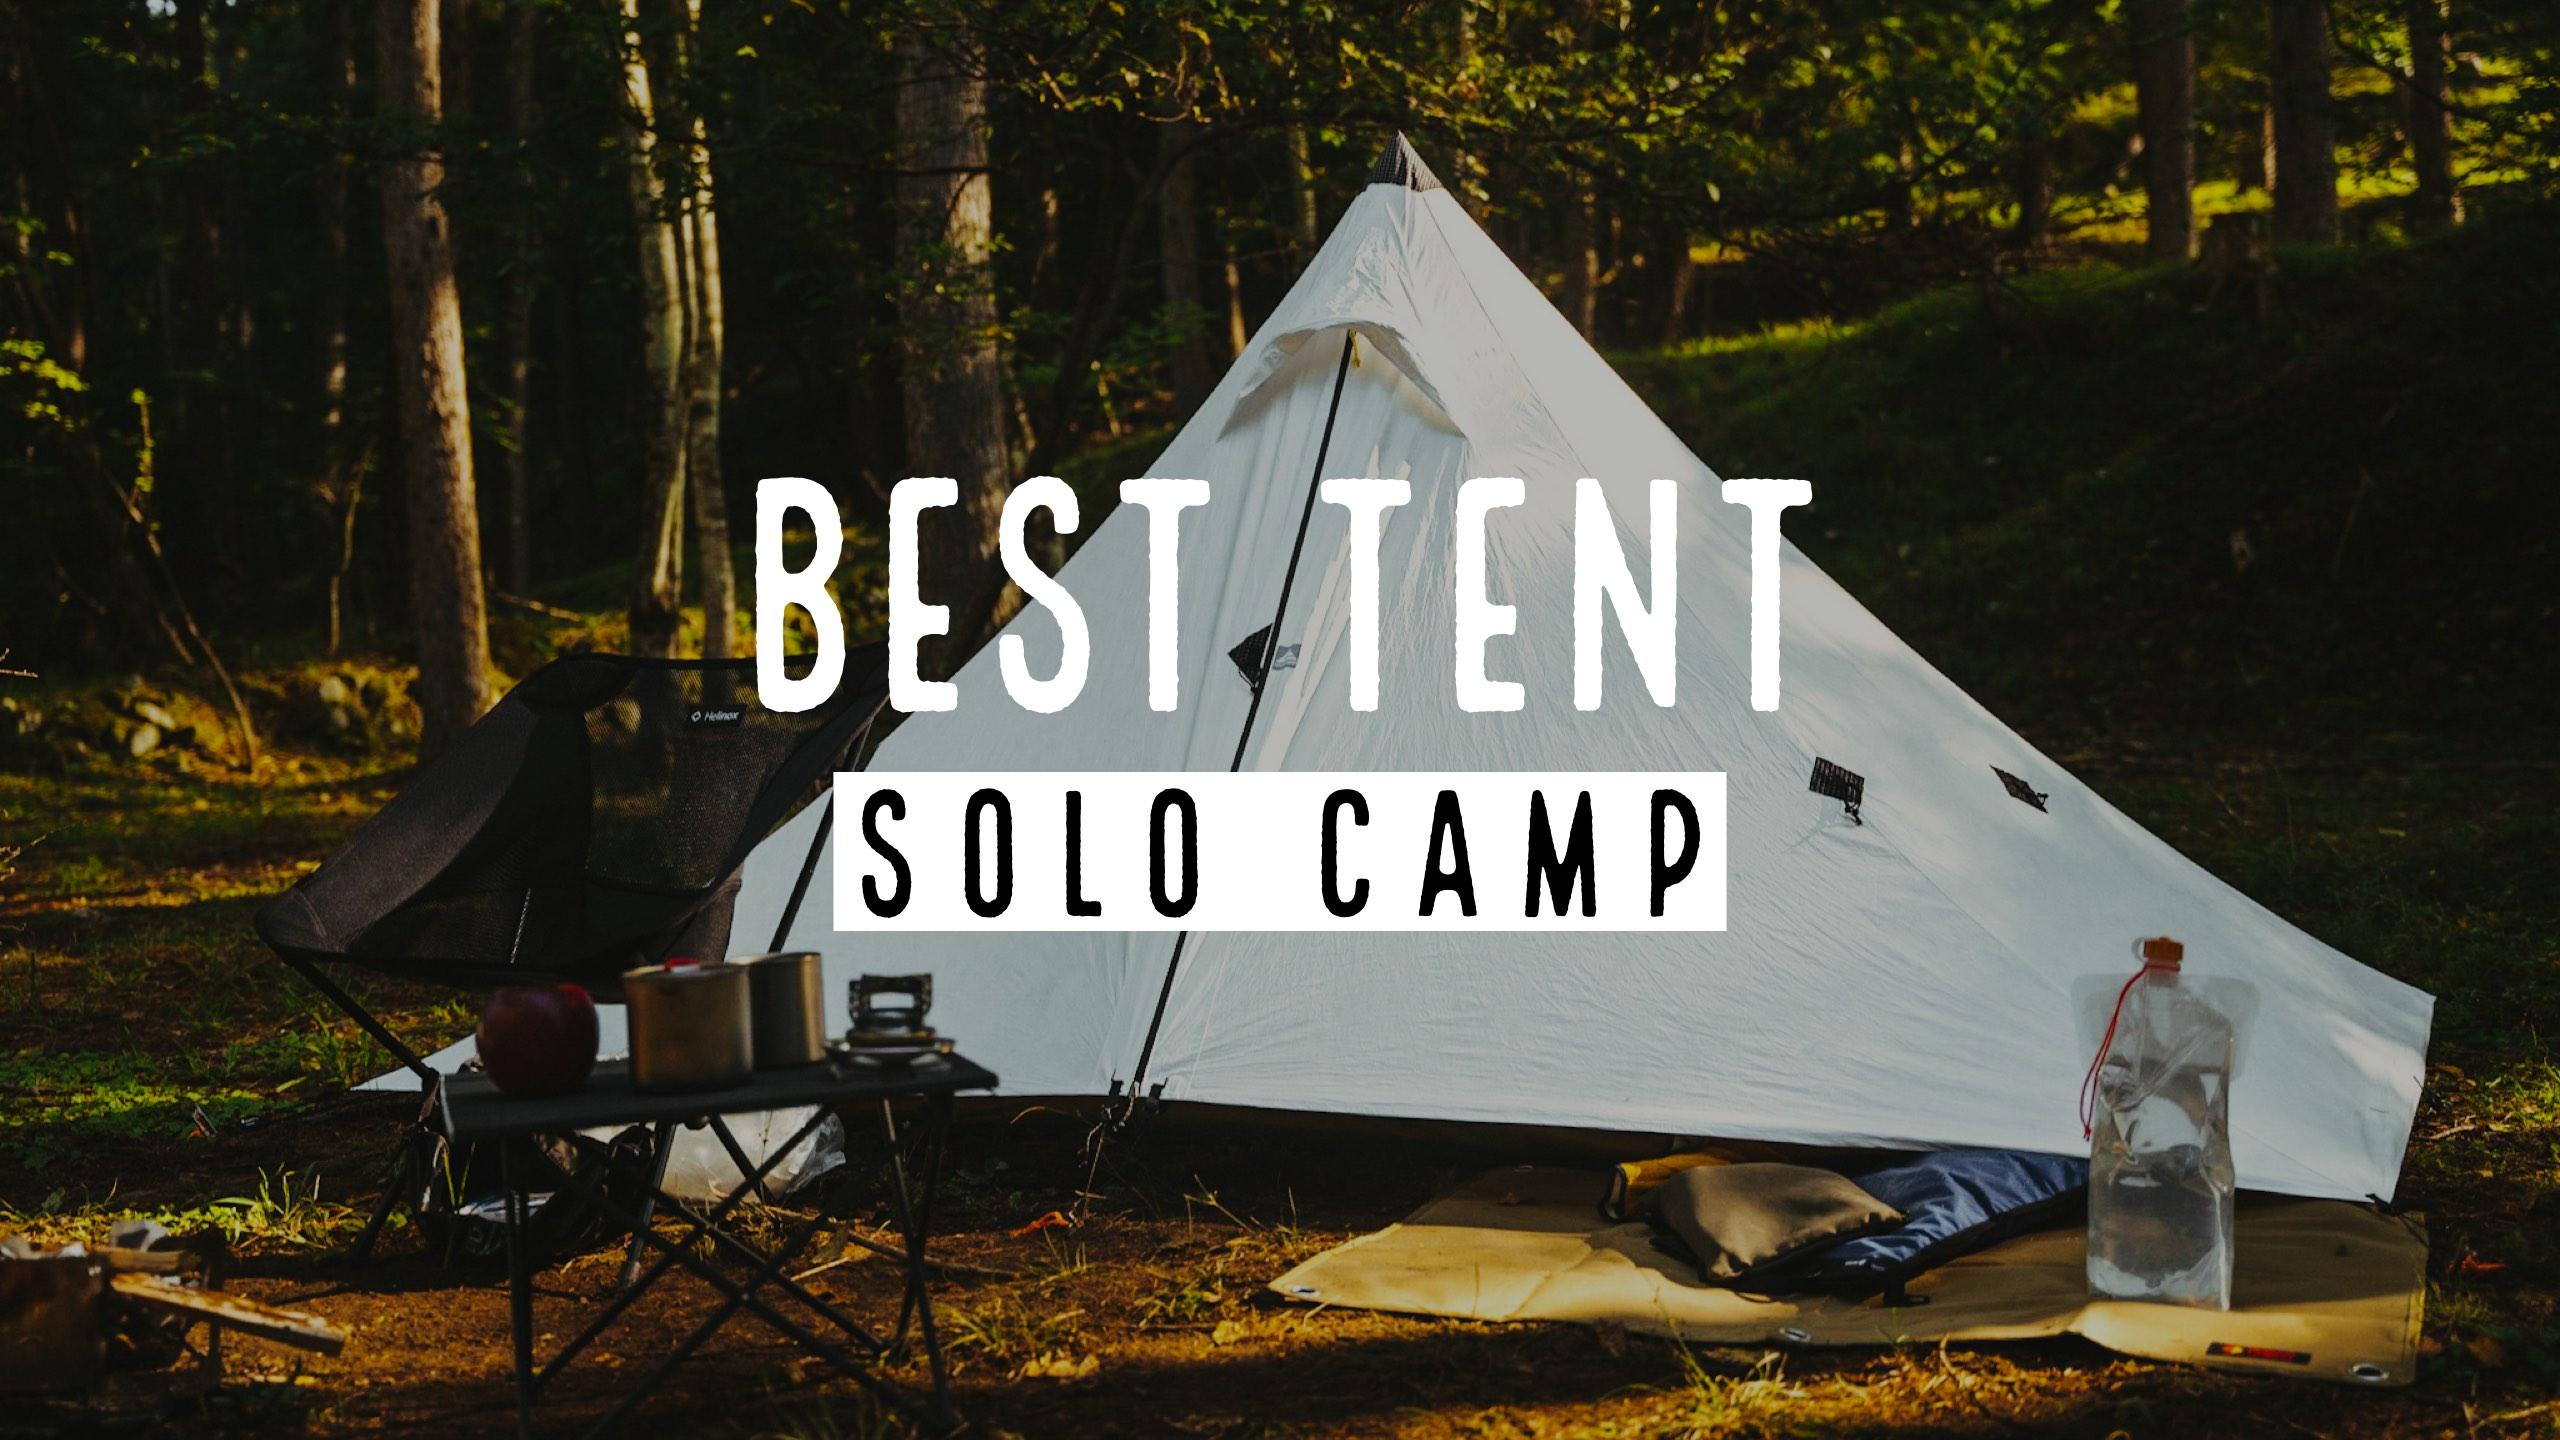 【軽量&コンパクト】ソロキャンプにおすすめなテント5選【UL・バックパックスタイル】